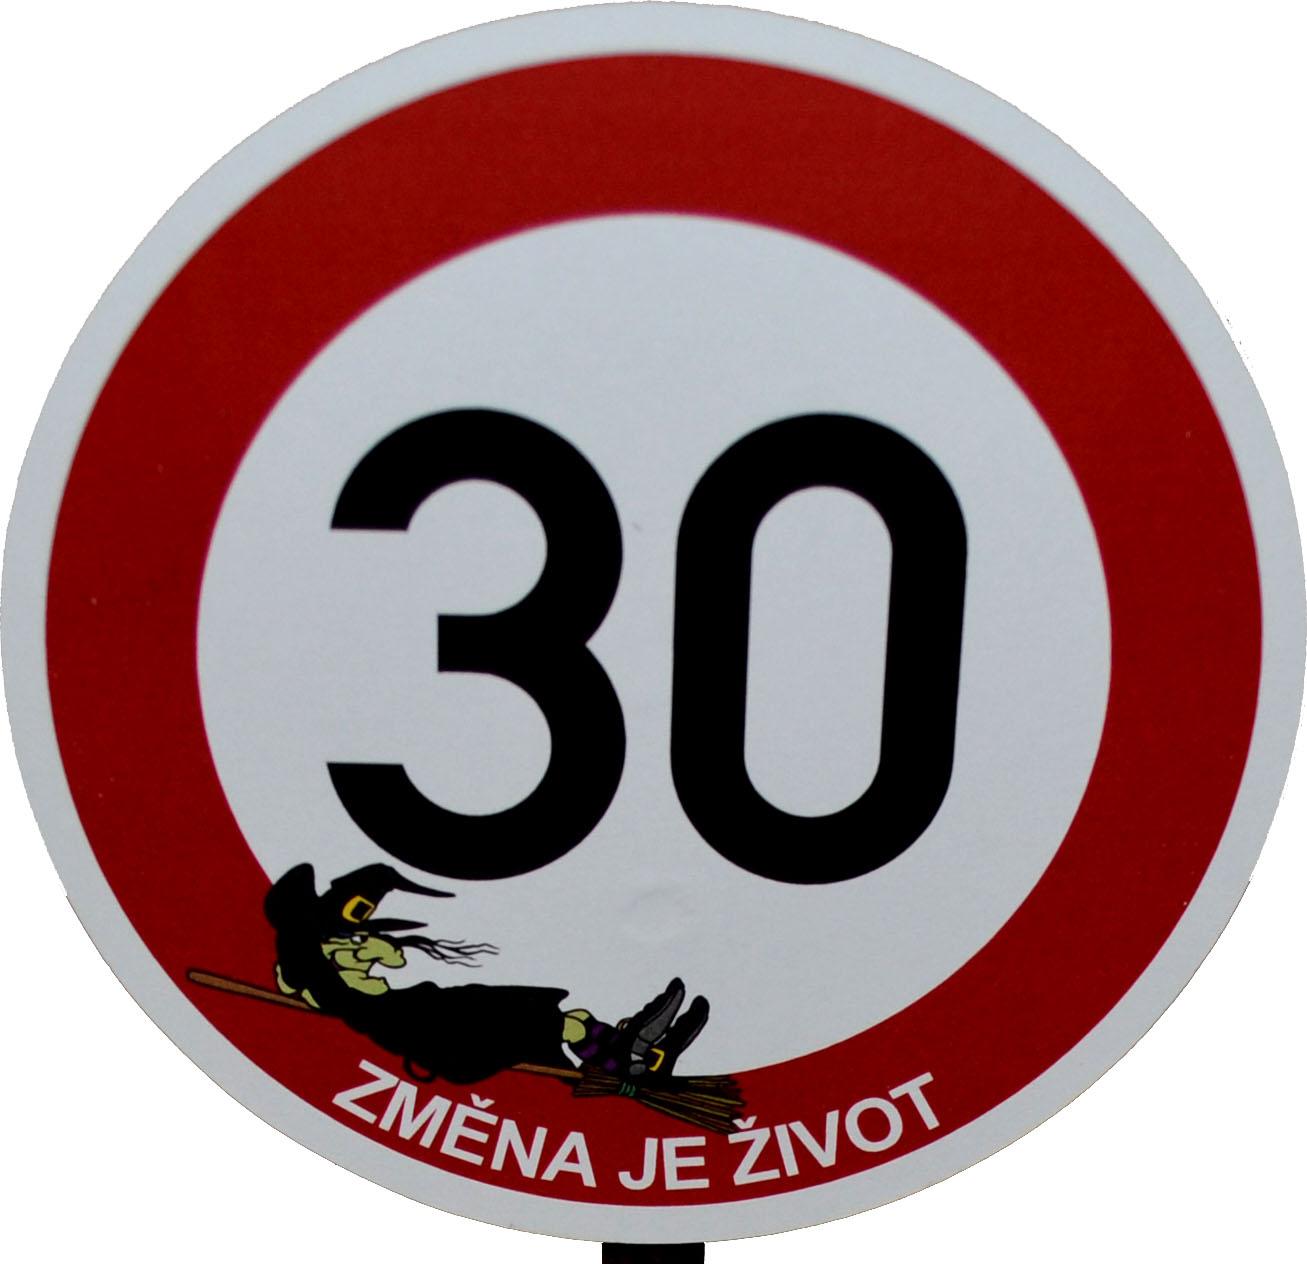 Dárek k 30. narozeninám - Značka 30 změna je život